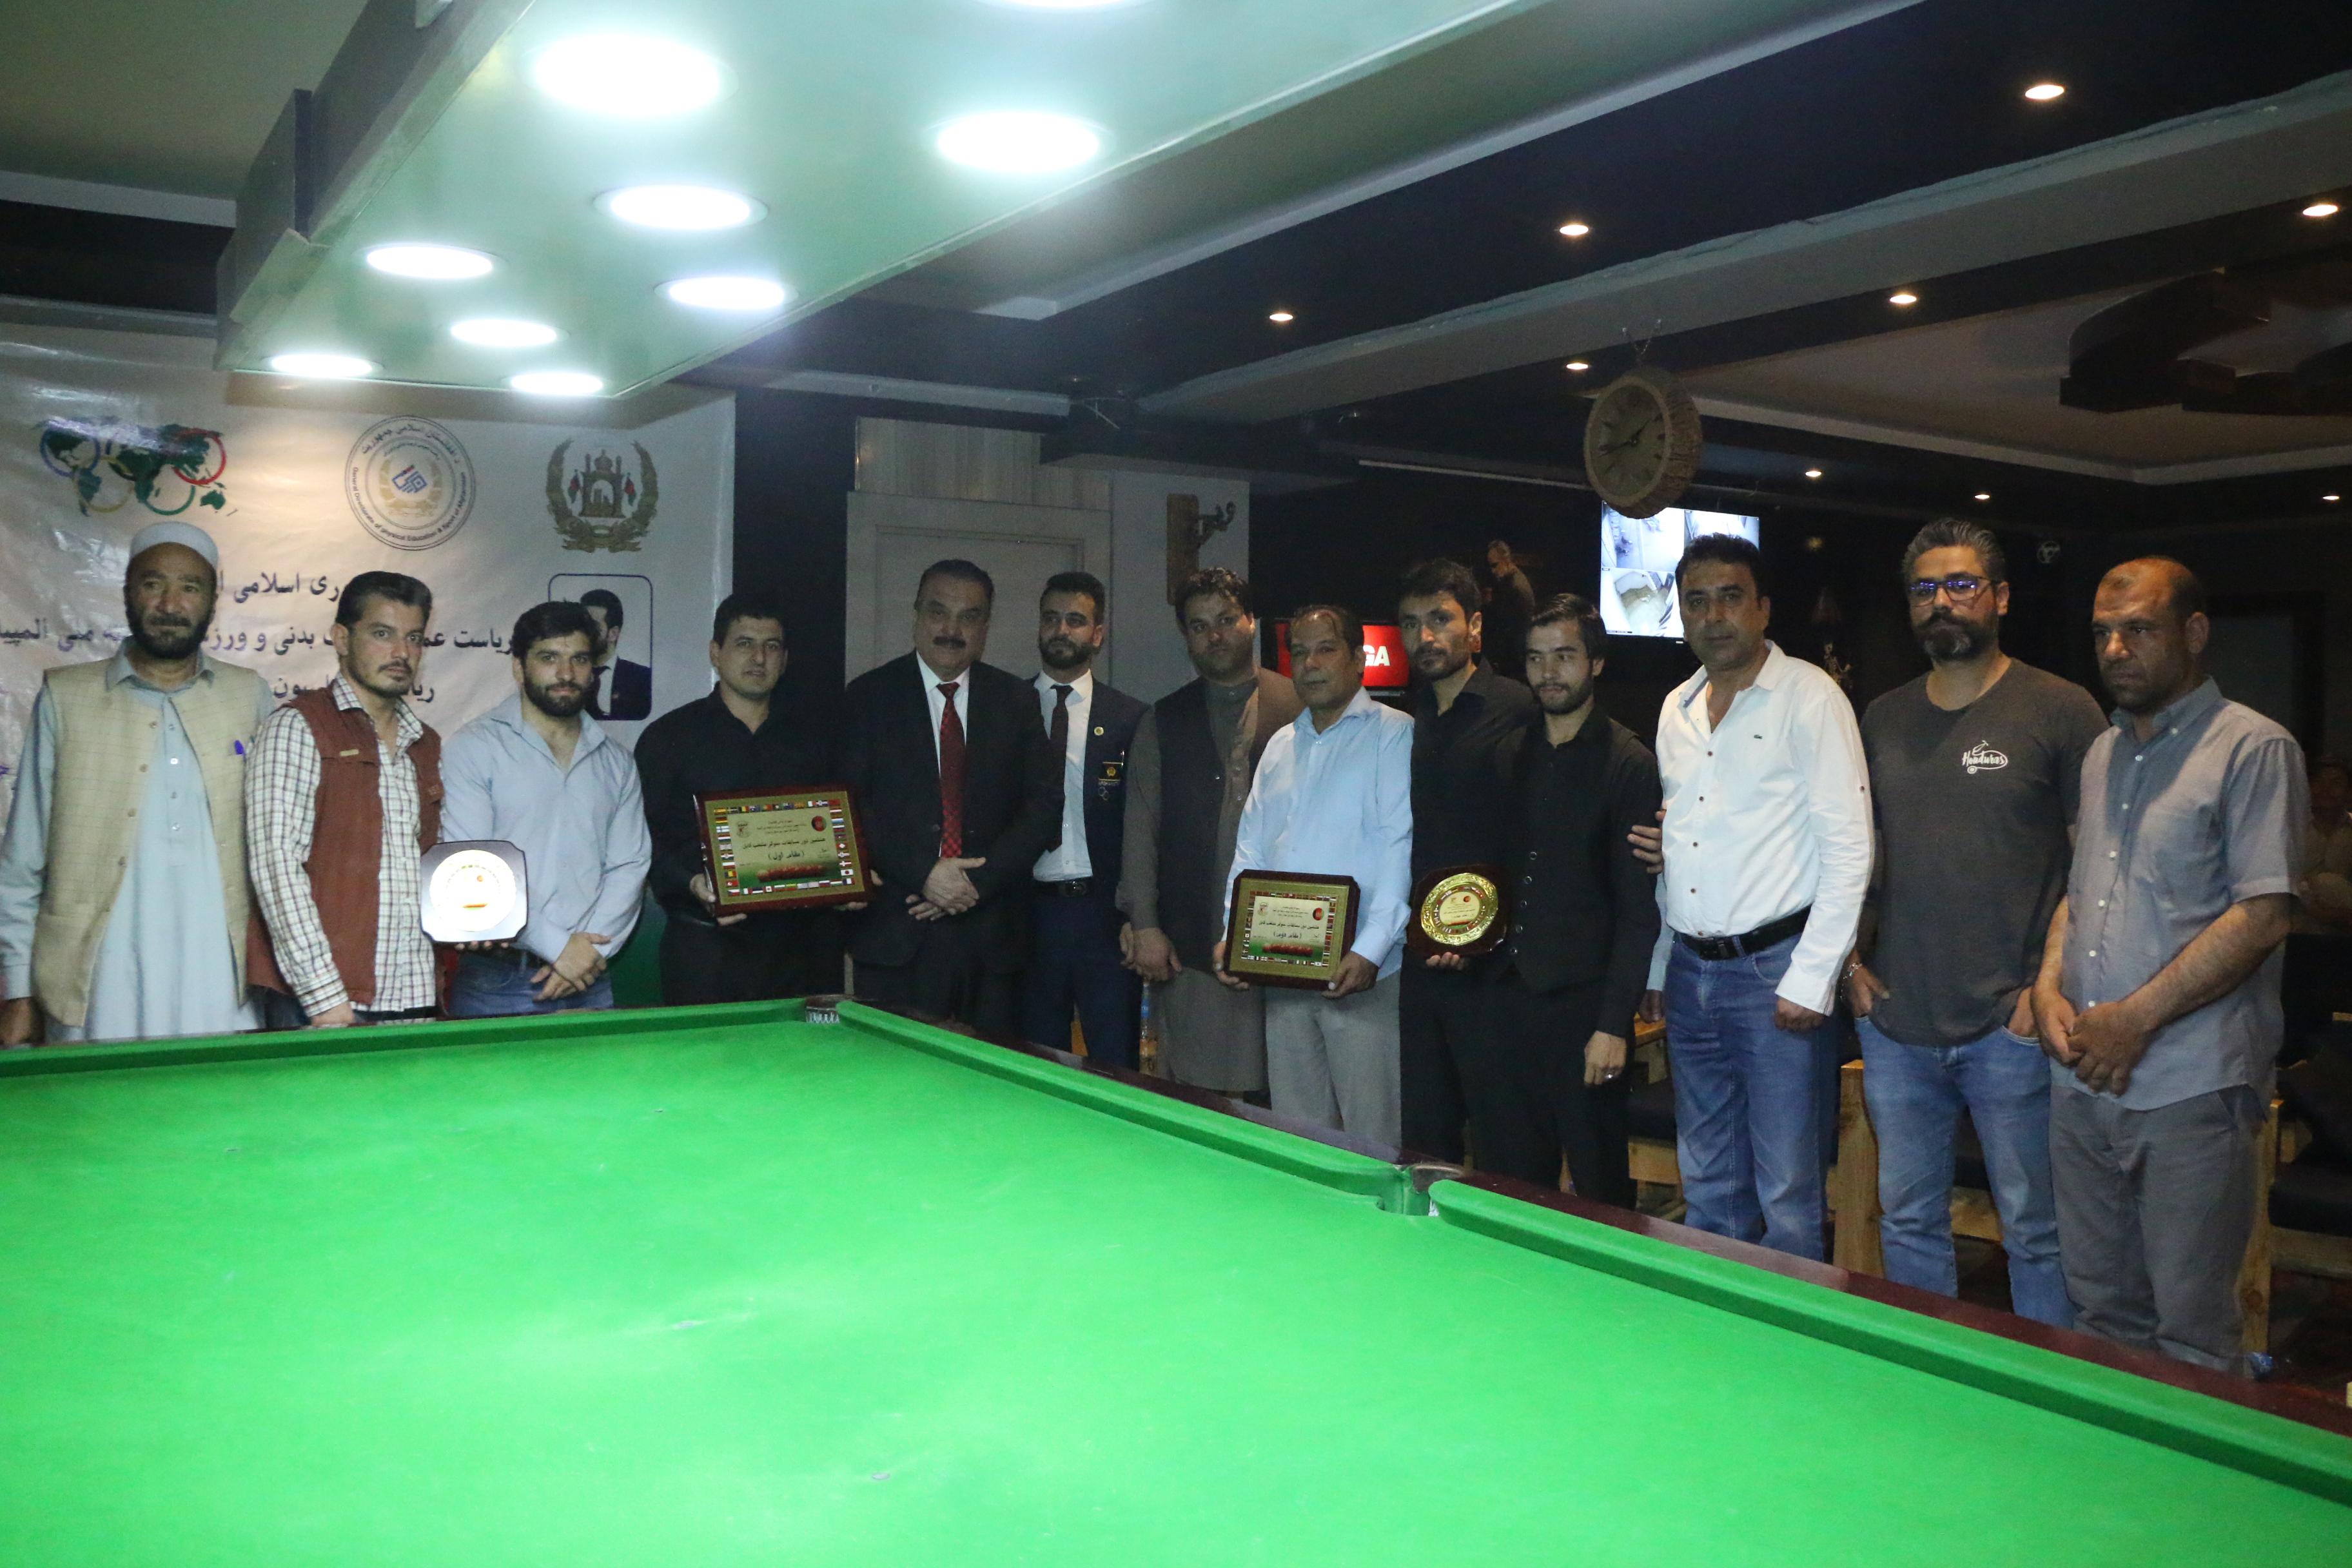 قهرمانی رییس خان سنزی در هشتمین دور رقابت های منتخب سنوکر